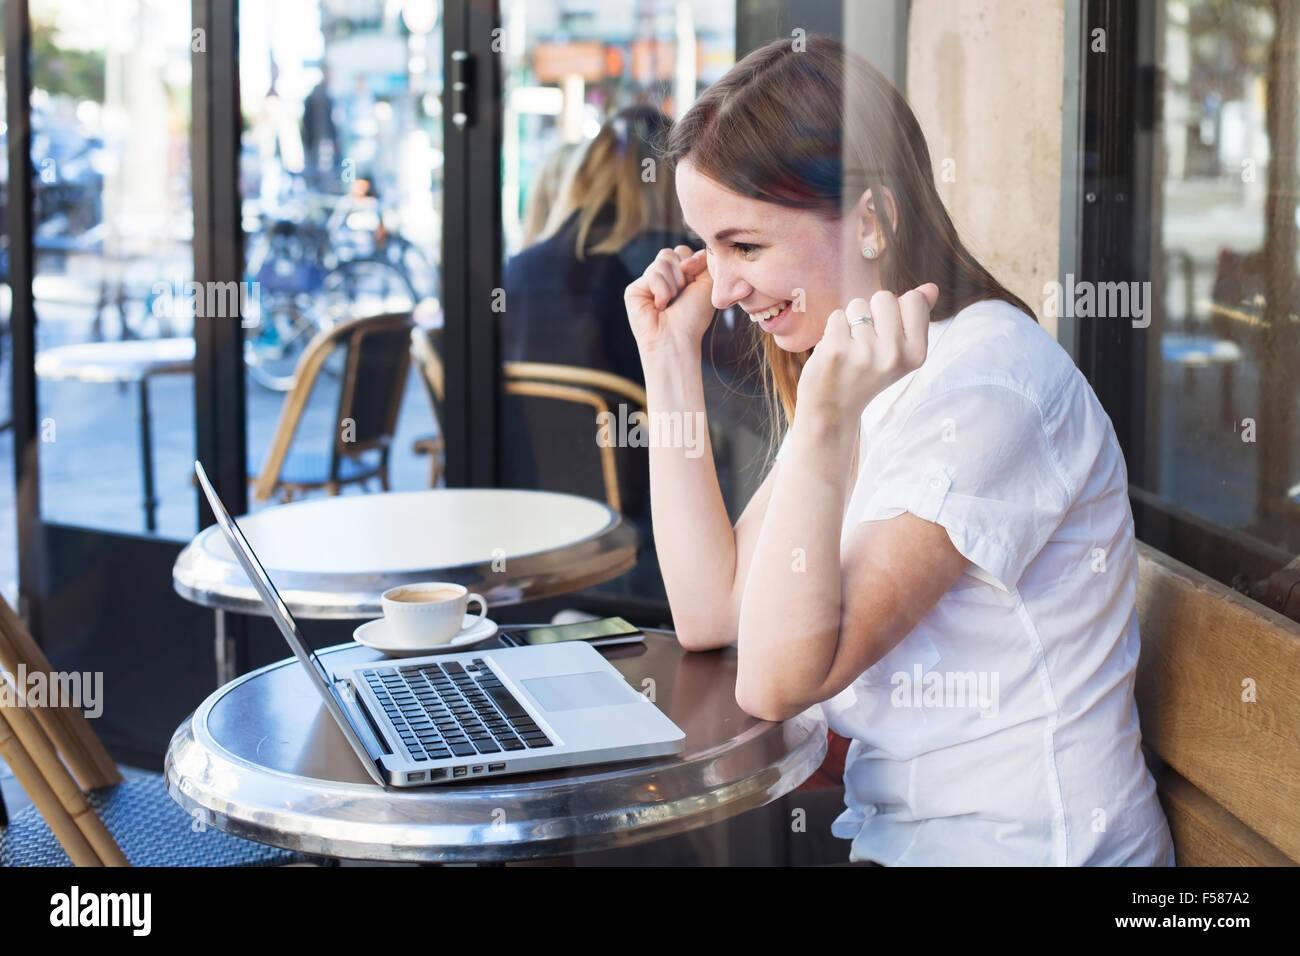 Gute nachricht an ein mädchen auf einer dating-site zu senden